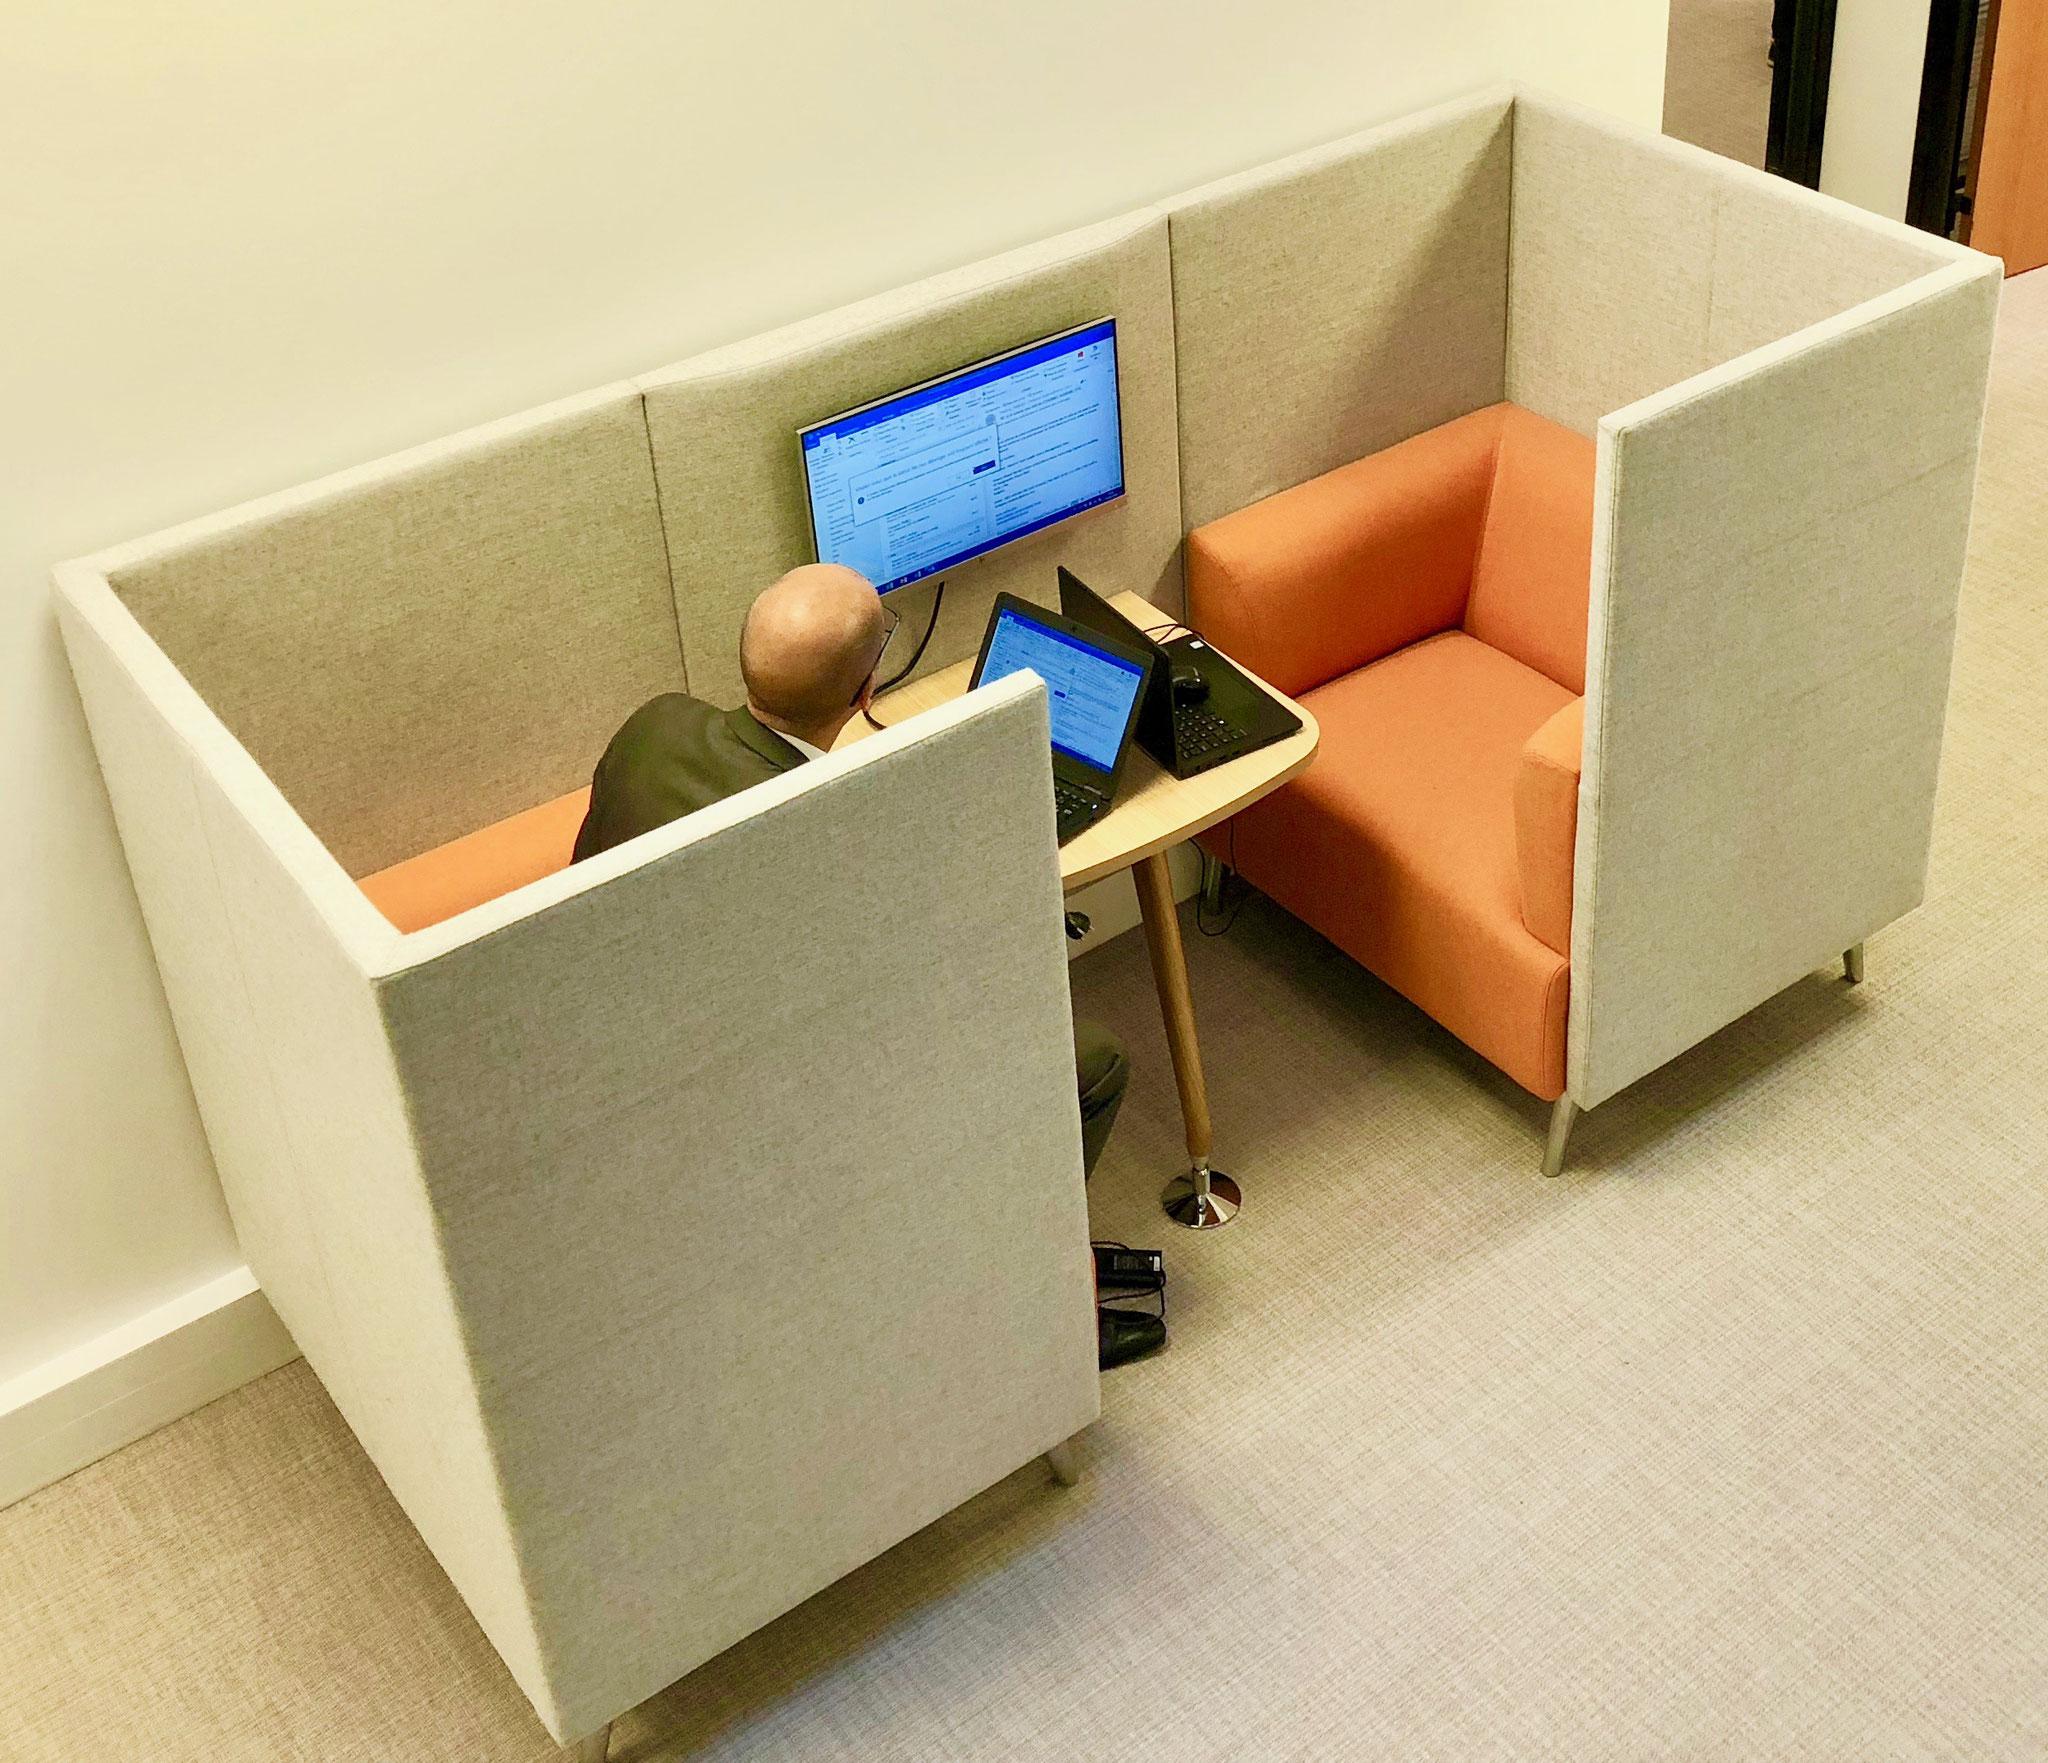 Nbox pour une réunion à deux à temps restreint